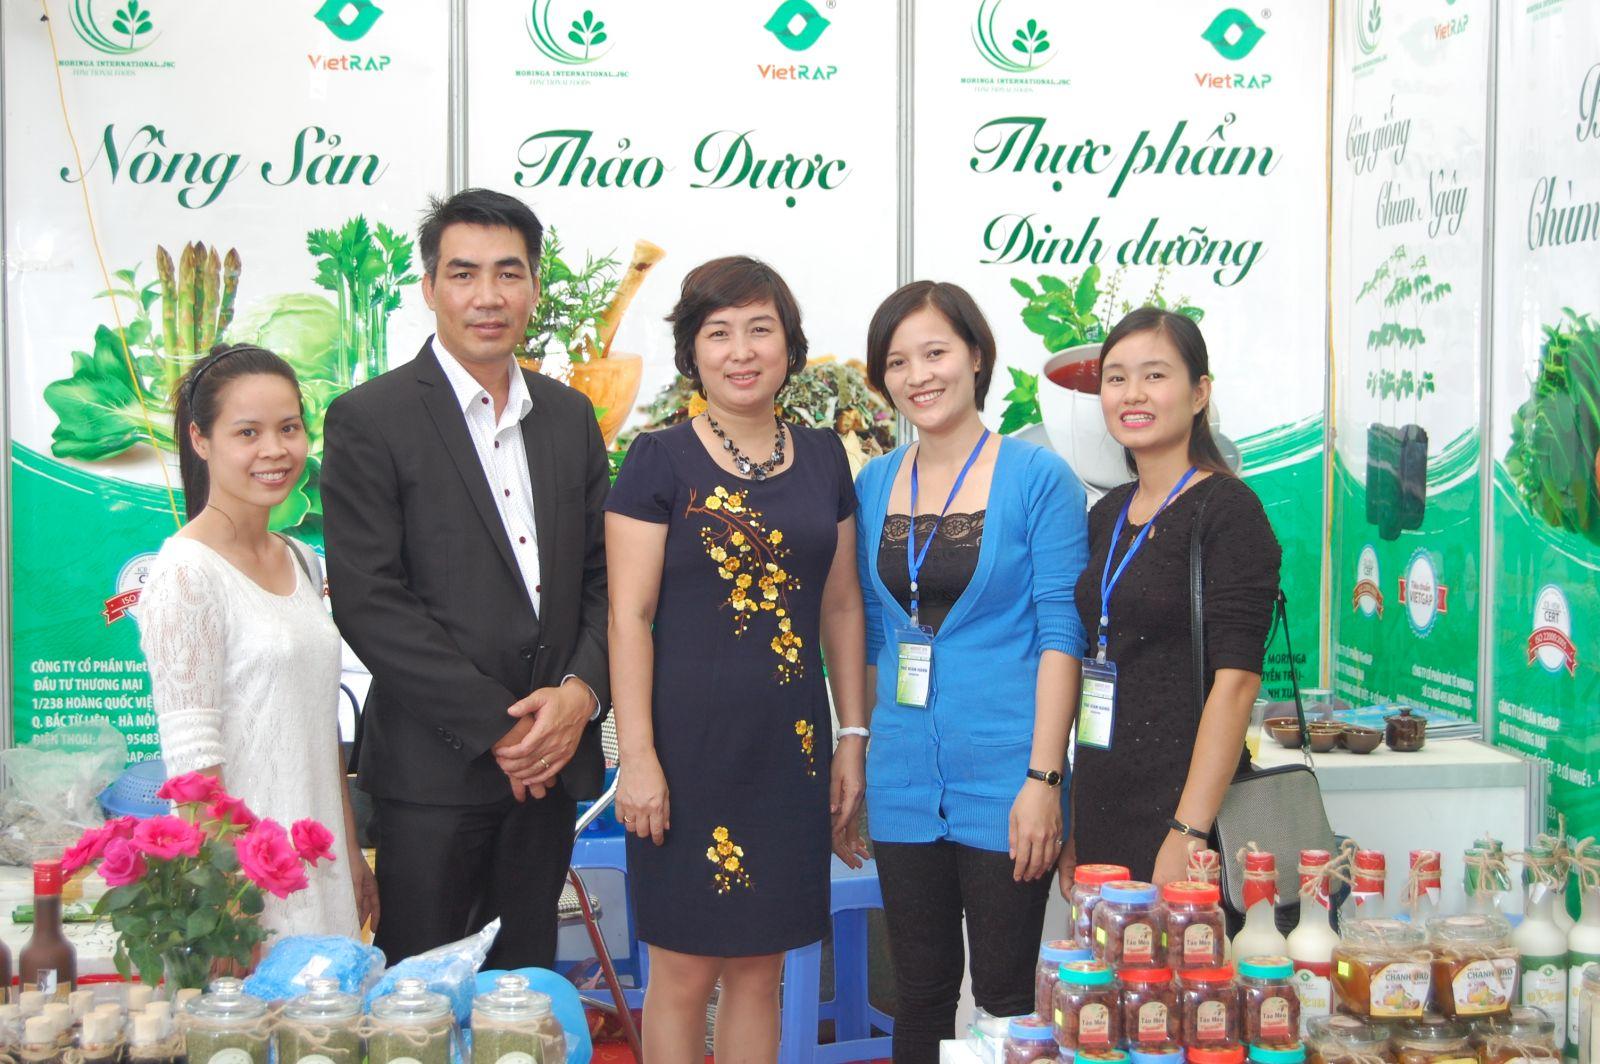 Đầu tư nghiên cứu sản phẩm để tìm đầu ra bền vững cho nông sản Việt. (25/12/2015)